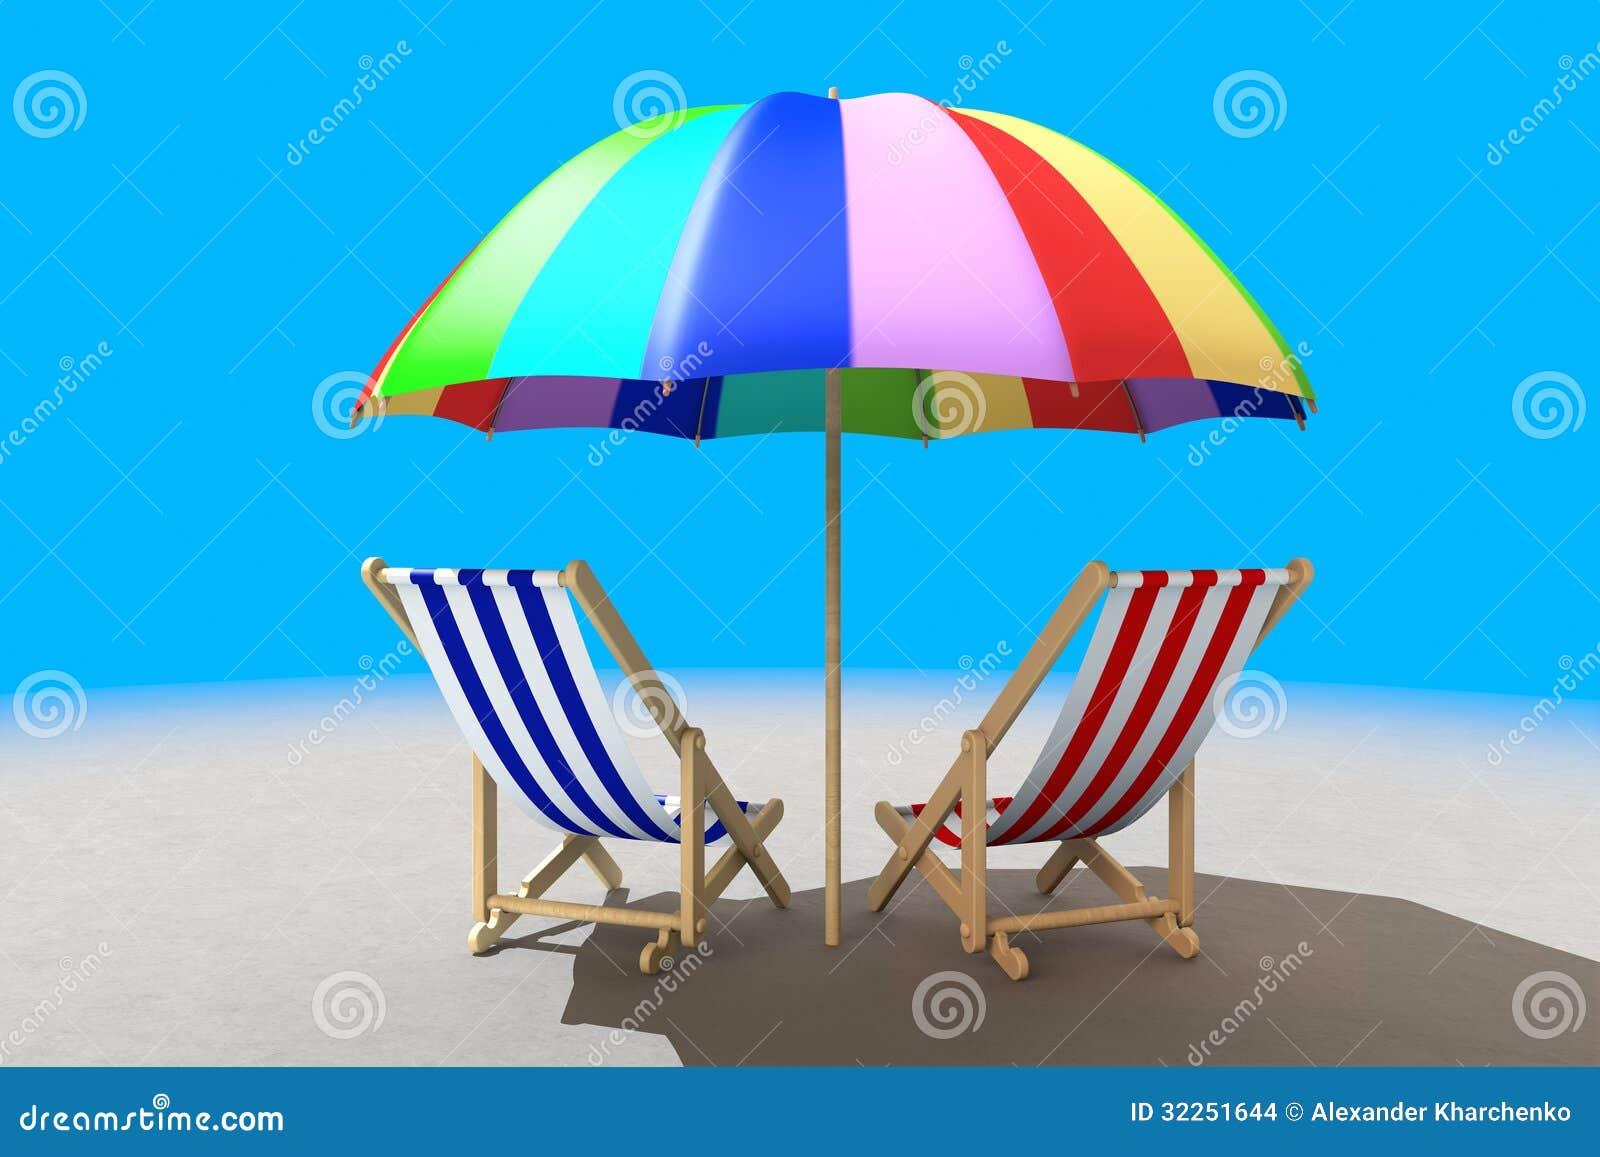 Dos sillas de playa debajo de la sombrilla imagenes de - Sombrilla playa ...